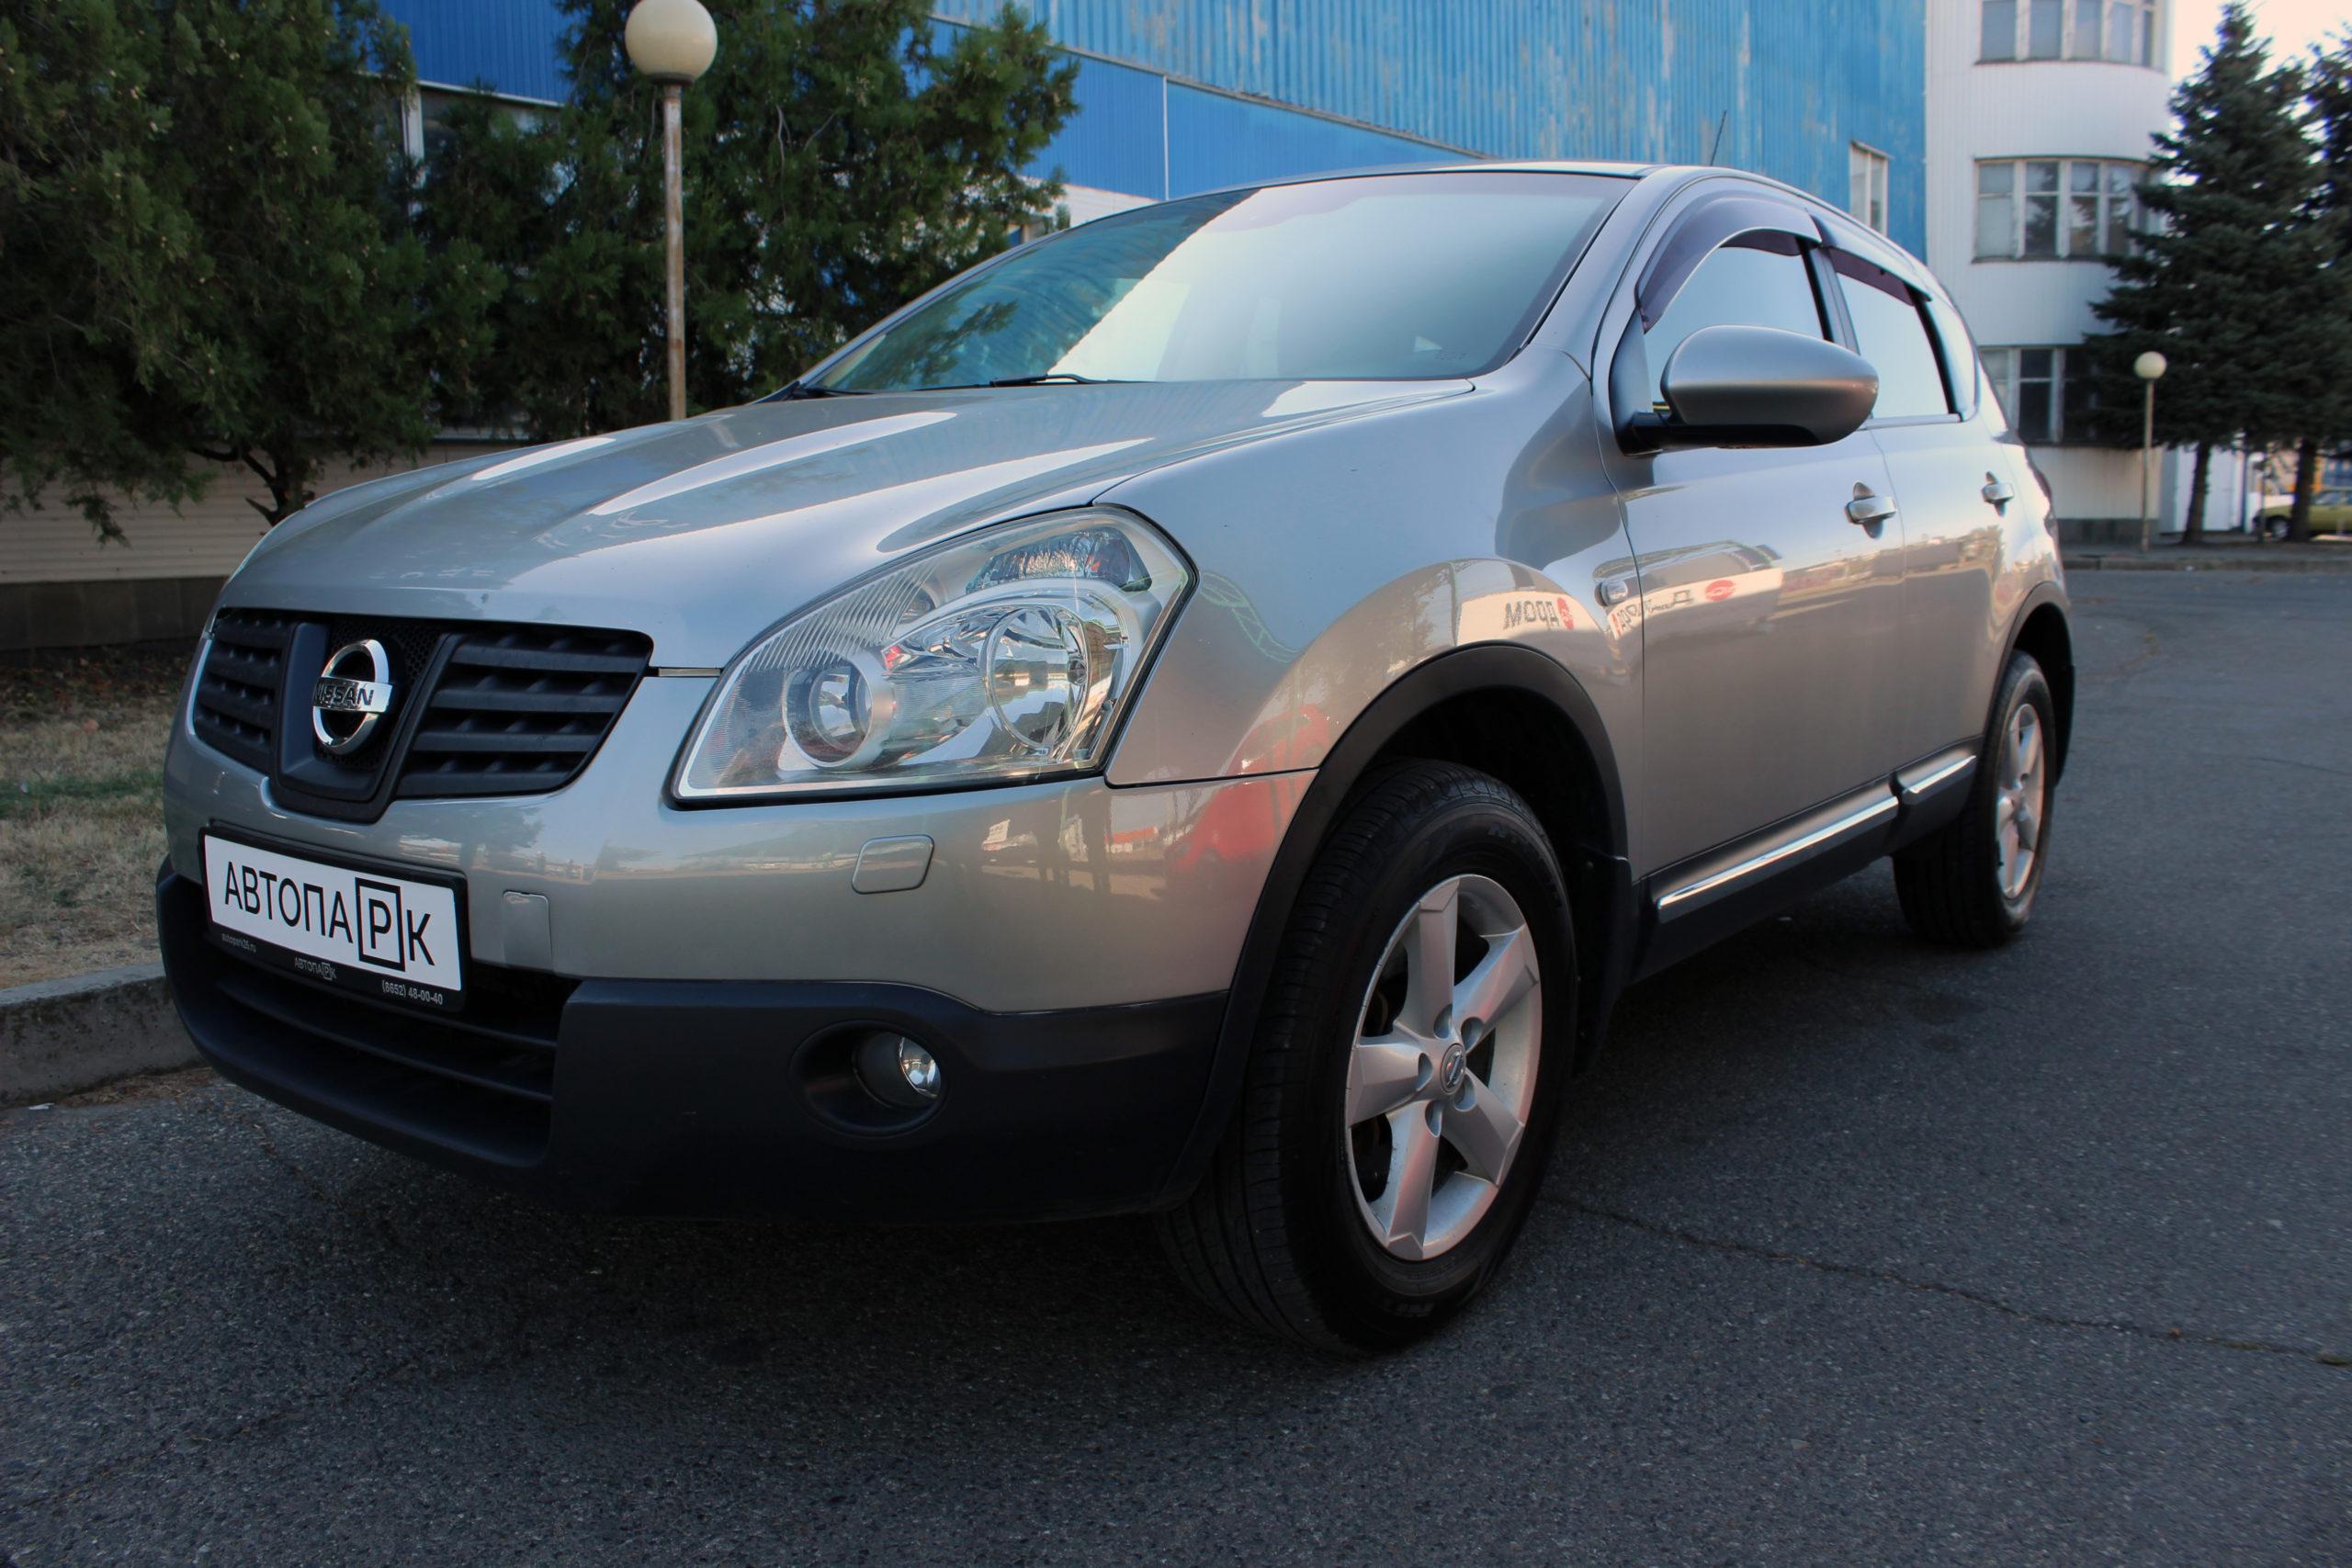 Купить Nissan Qashqai 2.0 Tekna (Серебристый ) - Автопарк Ставрополь